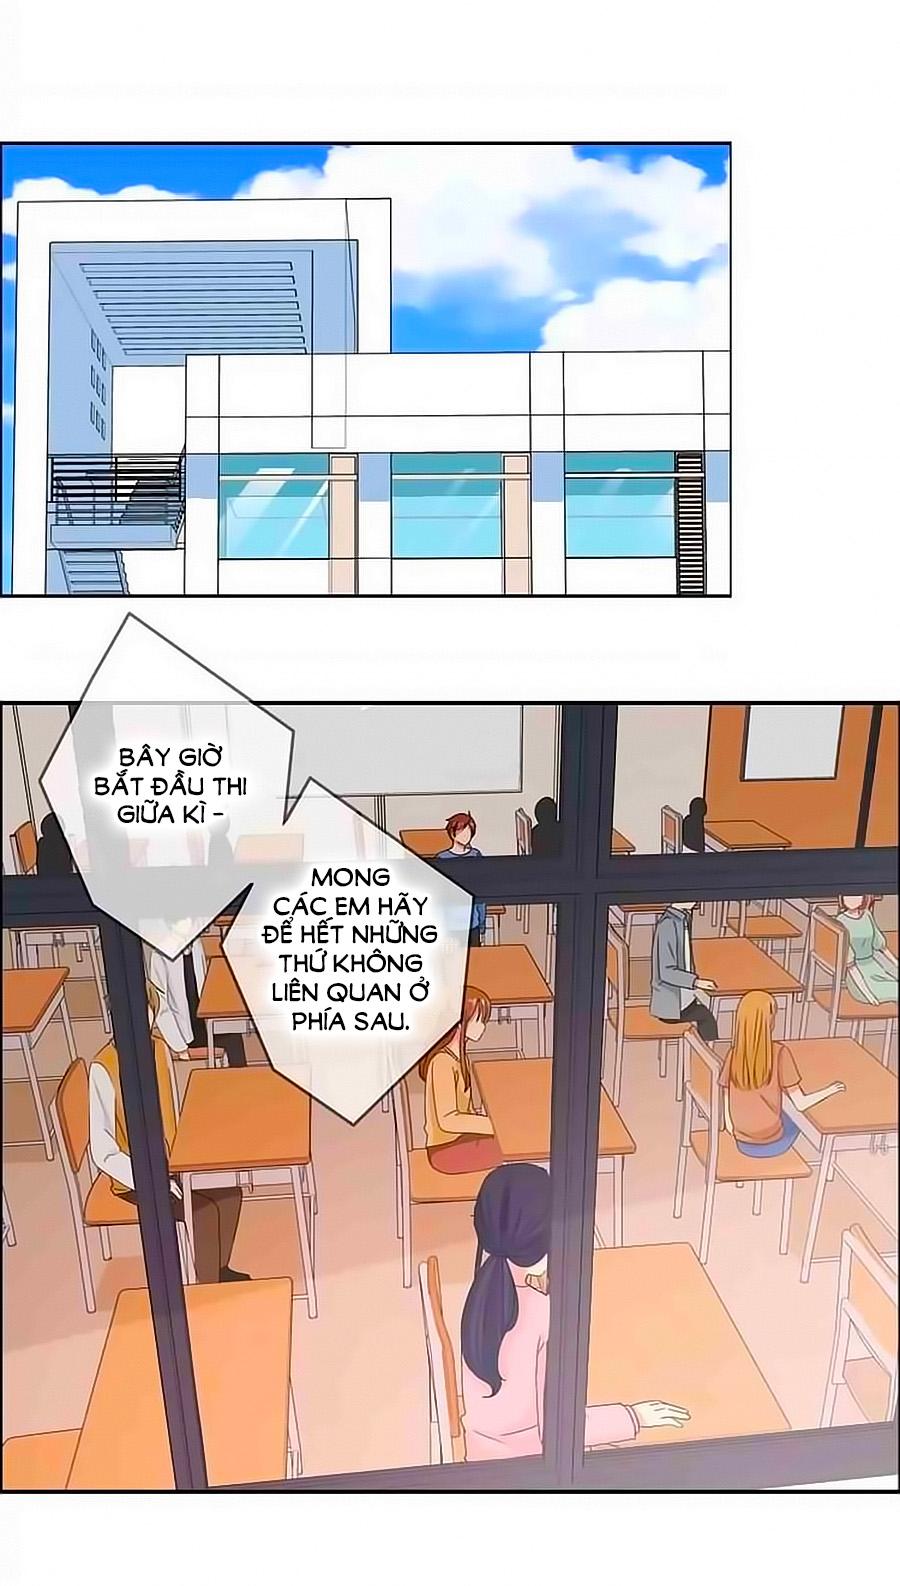 Đại Thần Tình Yêu Chớ Chạm Tôi Chap 44 Upload bởi Truyentranhmoi.net